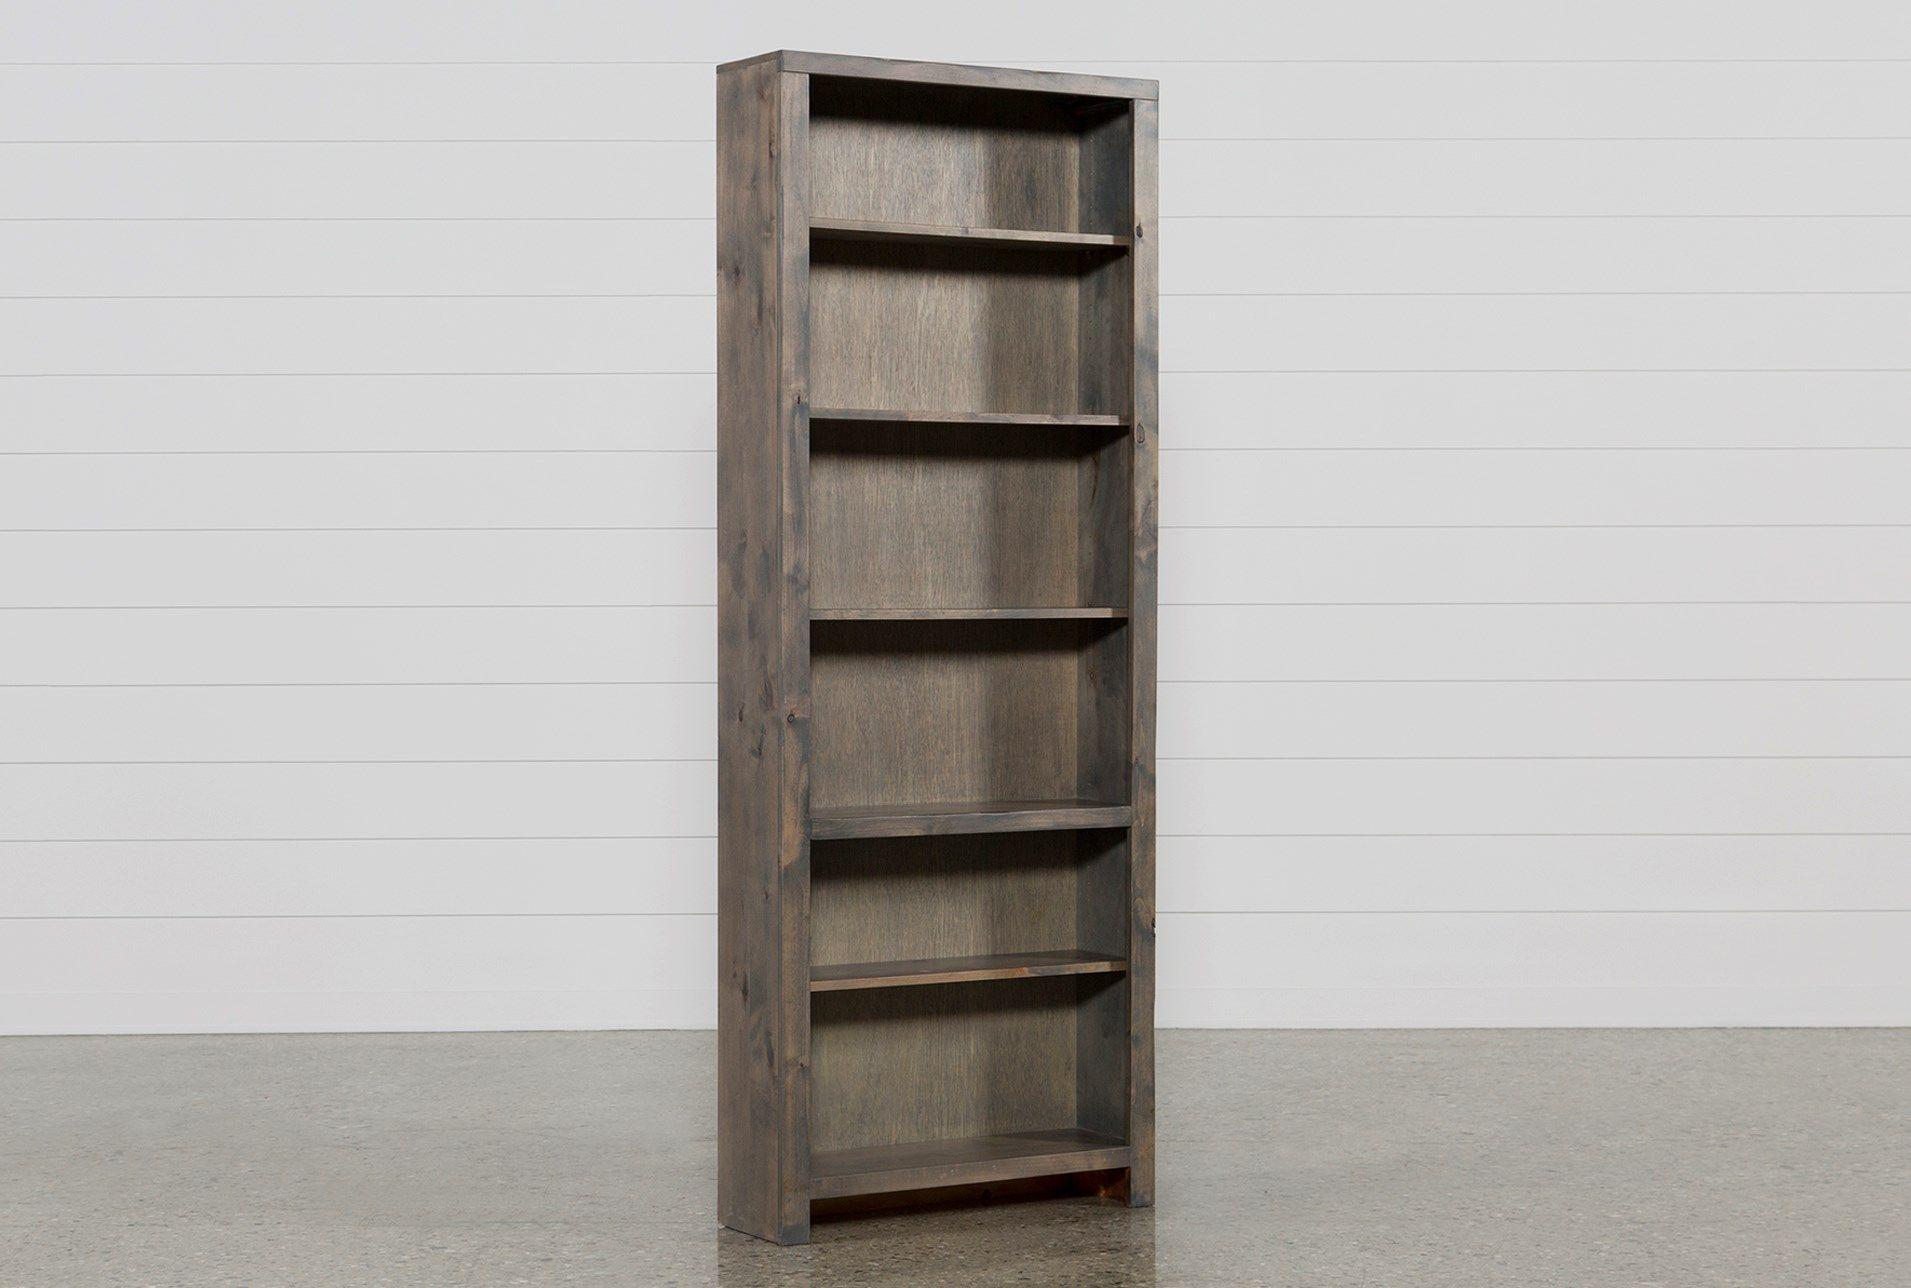 Ducar Ii 84 Inch Bookcase Bookcase Design Bookcase Living Room